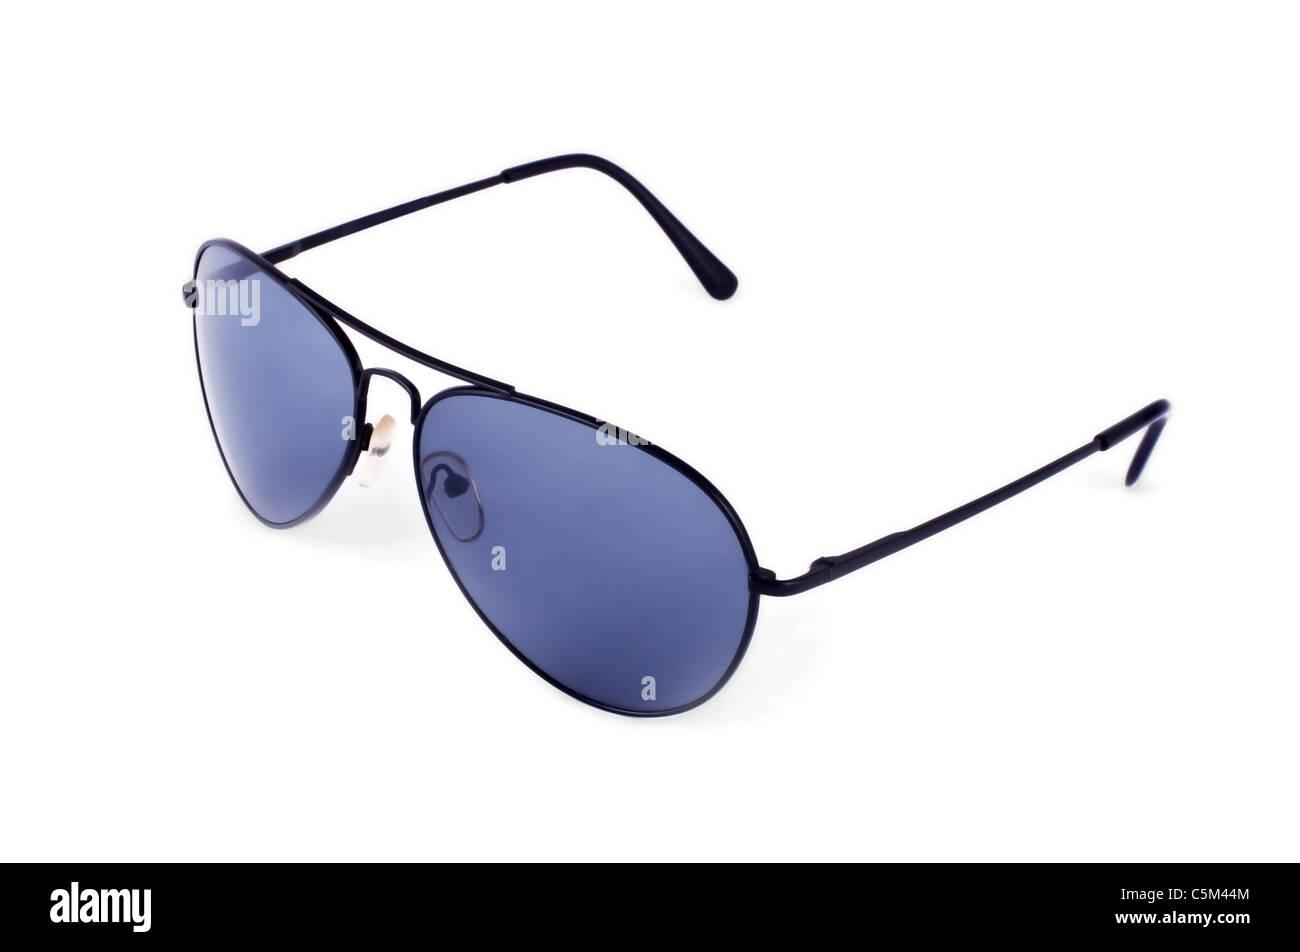 Aviator sunglasses isolé sur fond blanc Banque D'Images